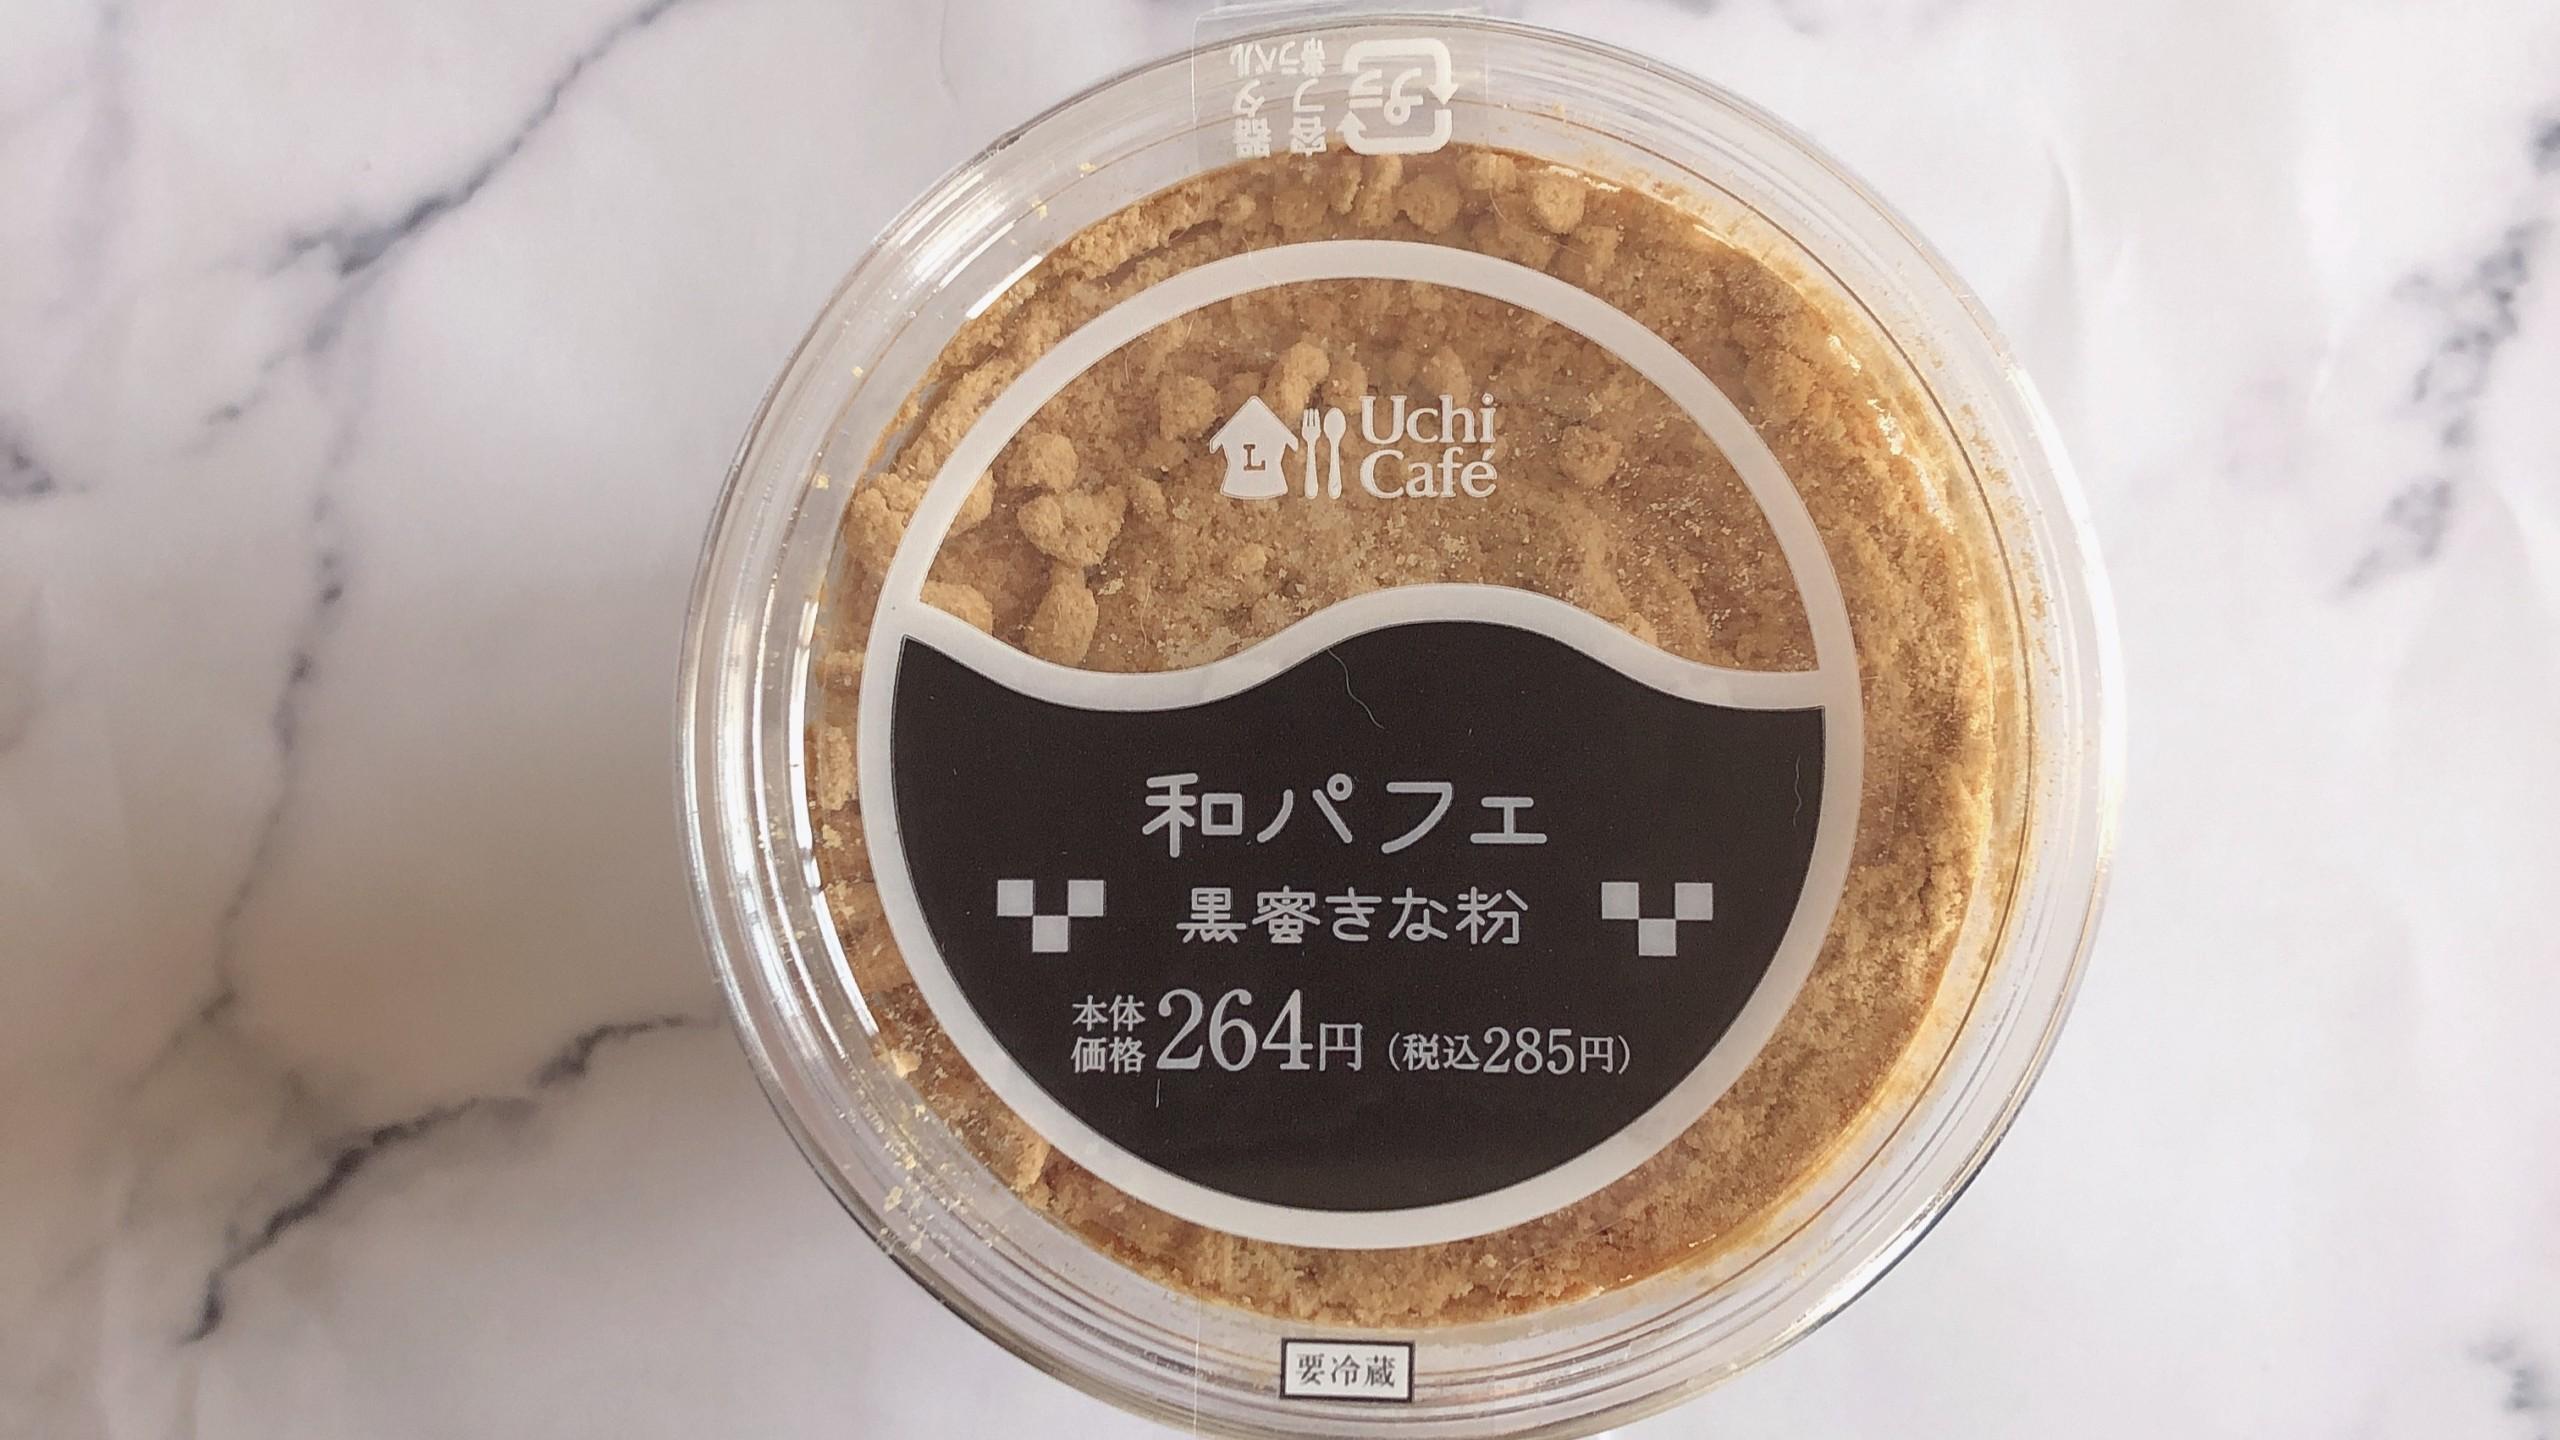 【ローソン】和パフェ黒蜜きな粉を実食!カロリーや価格も紹介